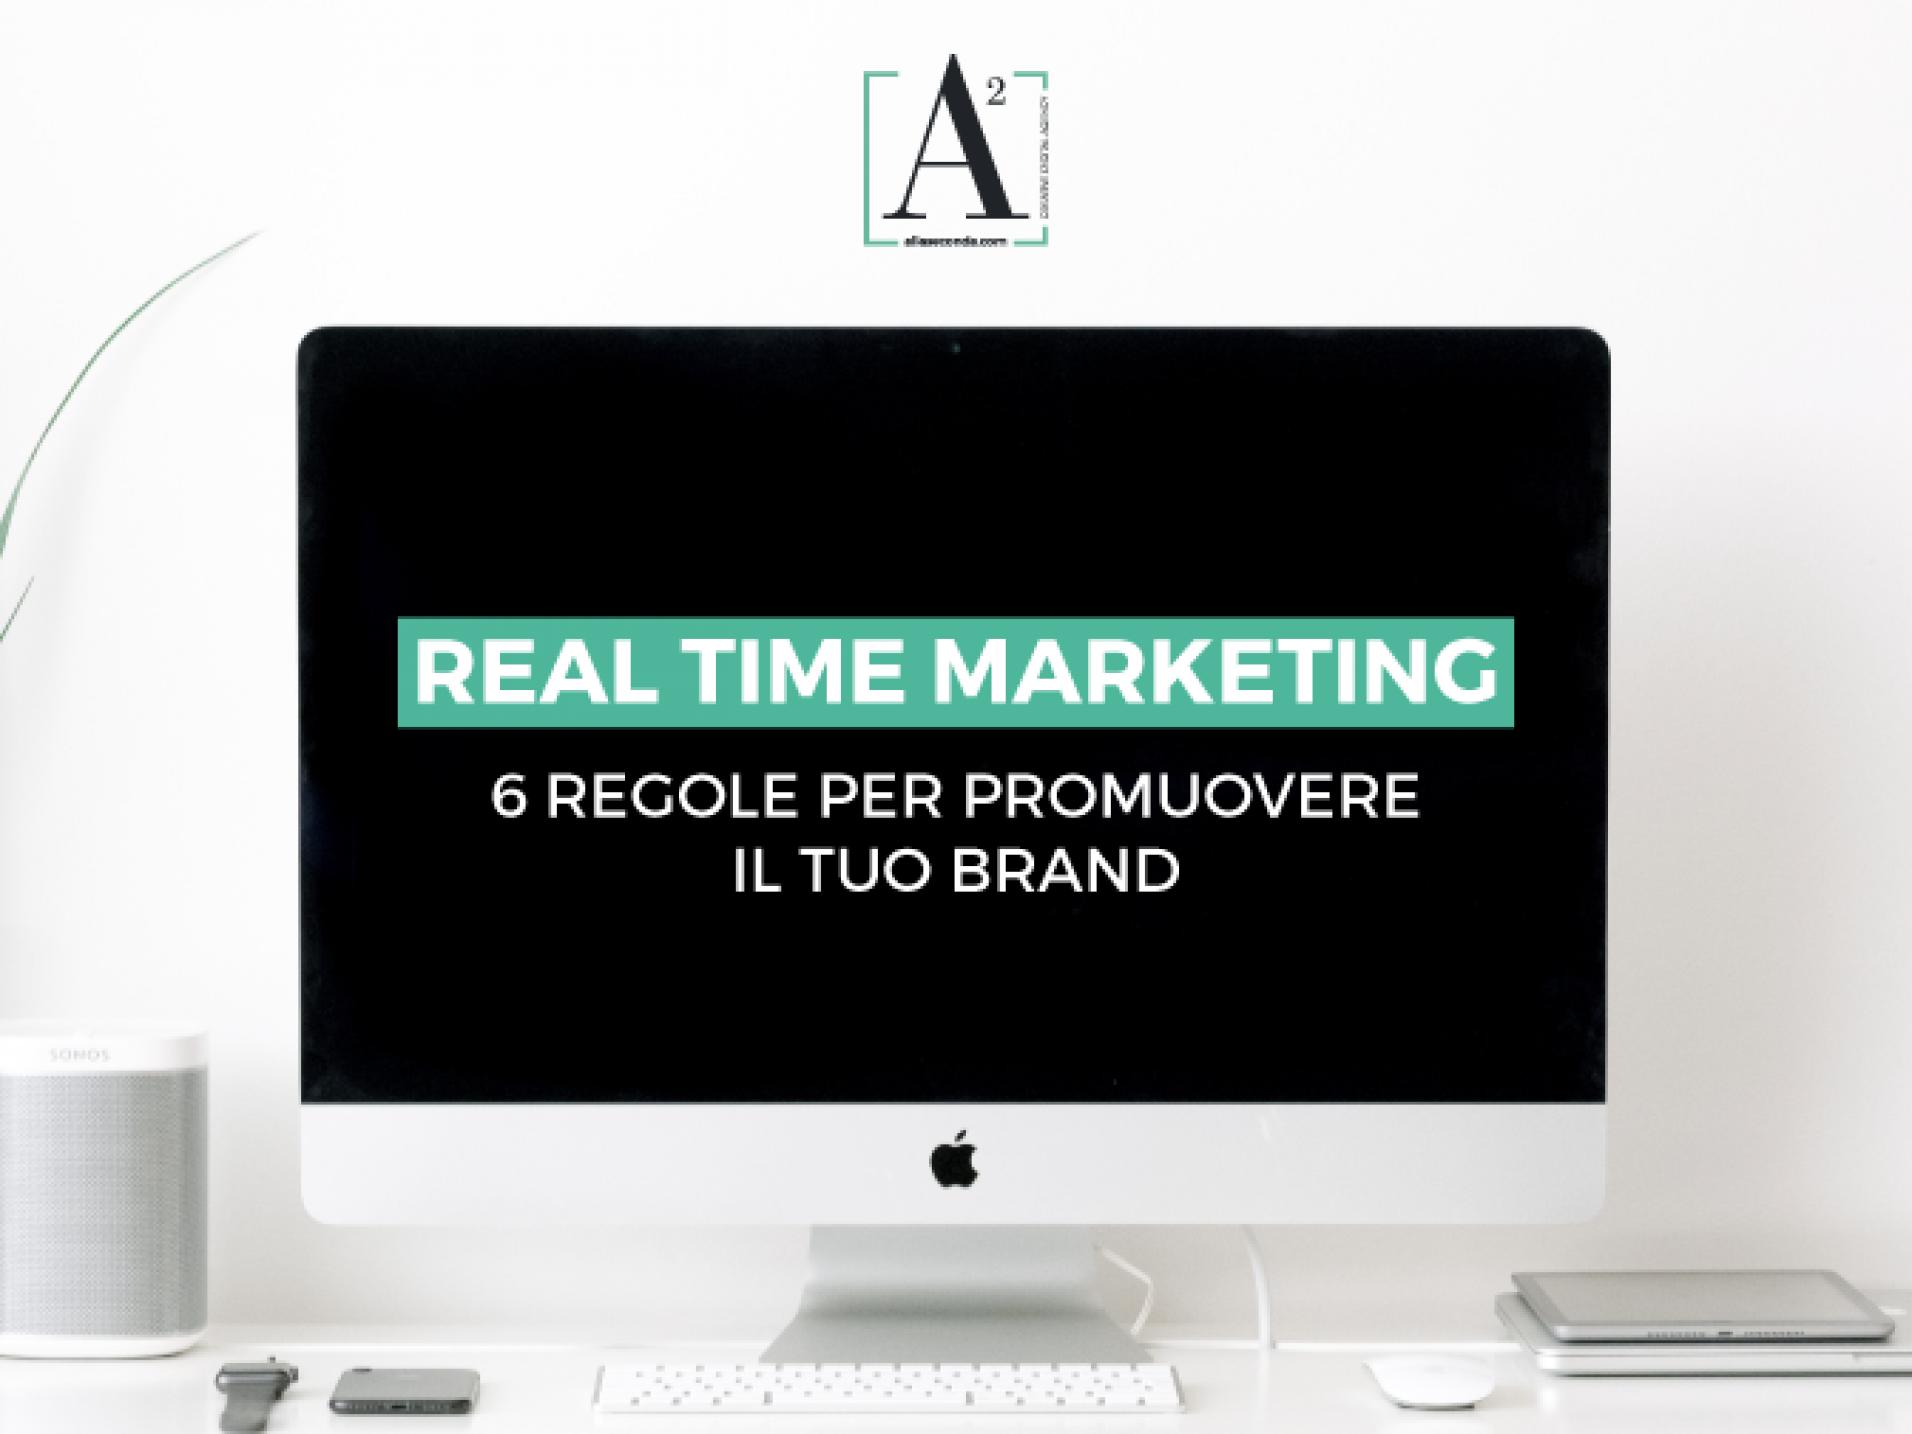 real-time-marketing-allaseconda-immagine-per-articolo-di-blog